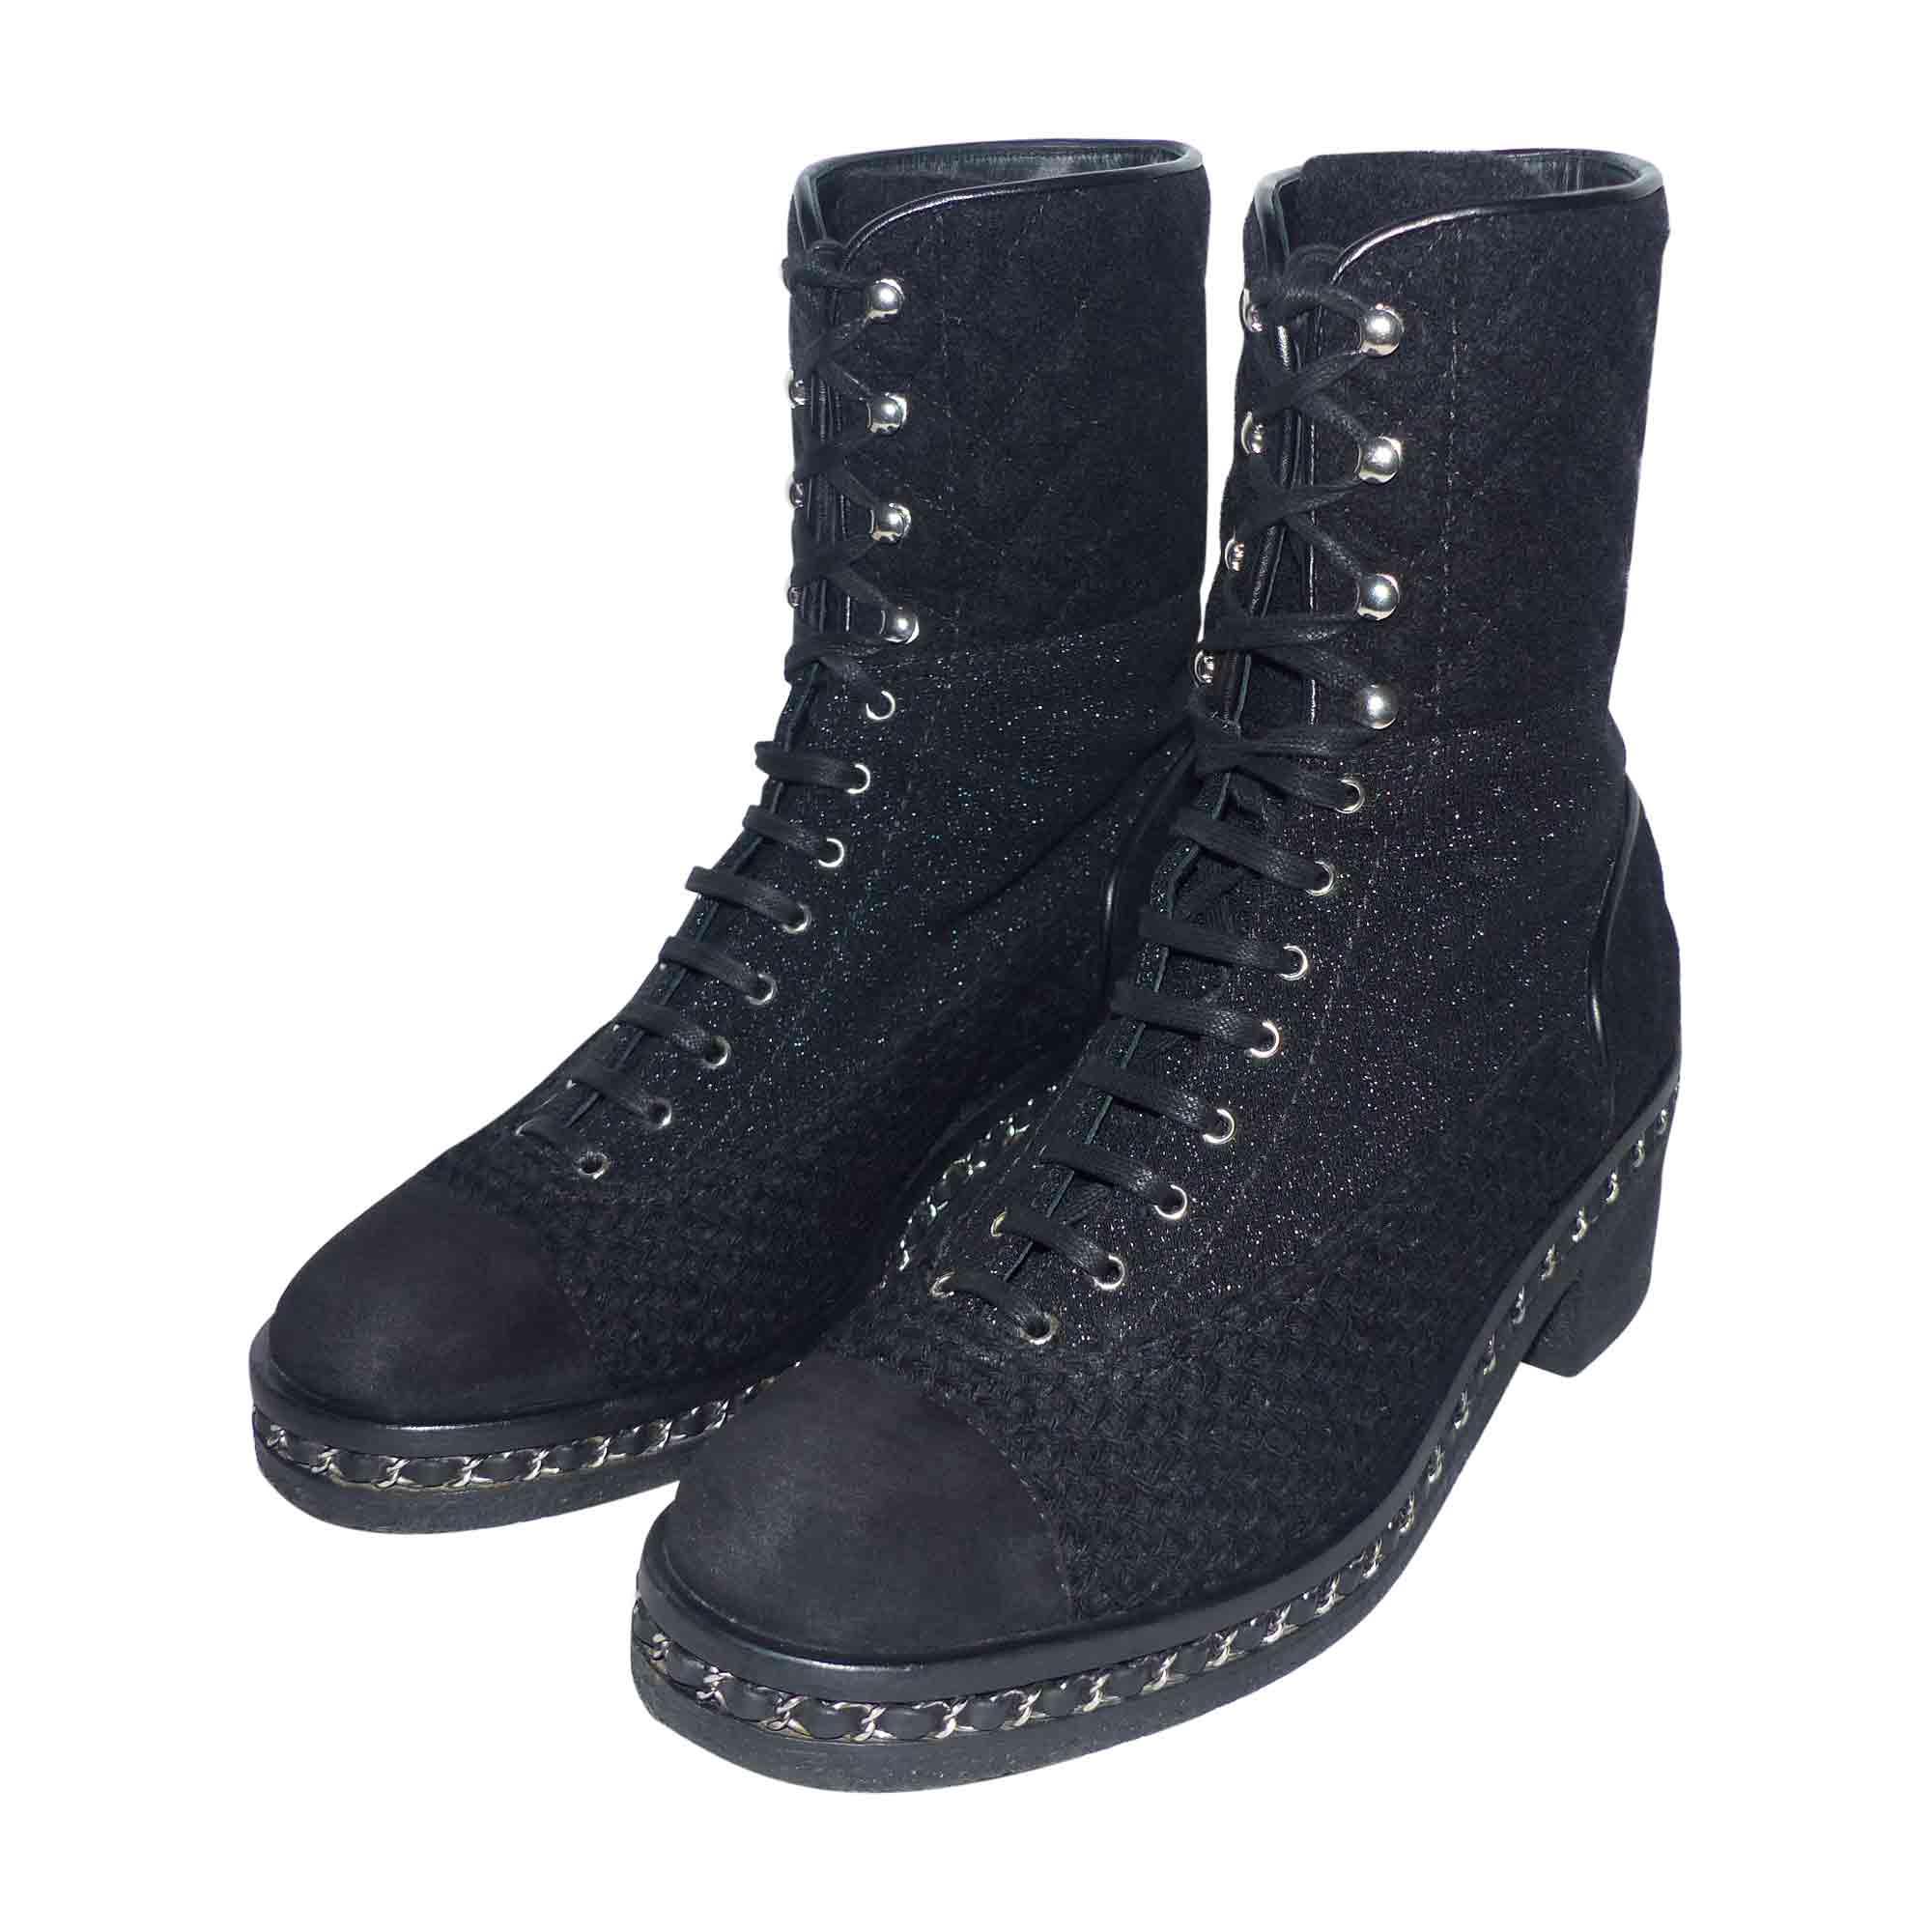 Chaussures à lacets CHANEL 41 noir vendu par Jannet12 - 6699360 2c79fdfeeef